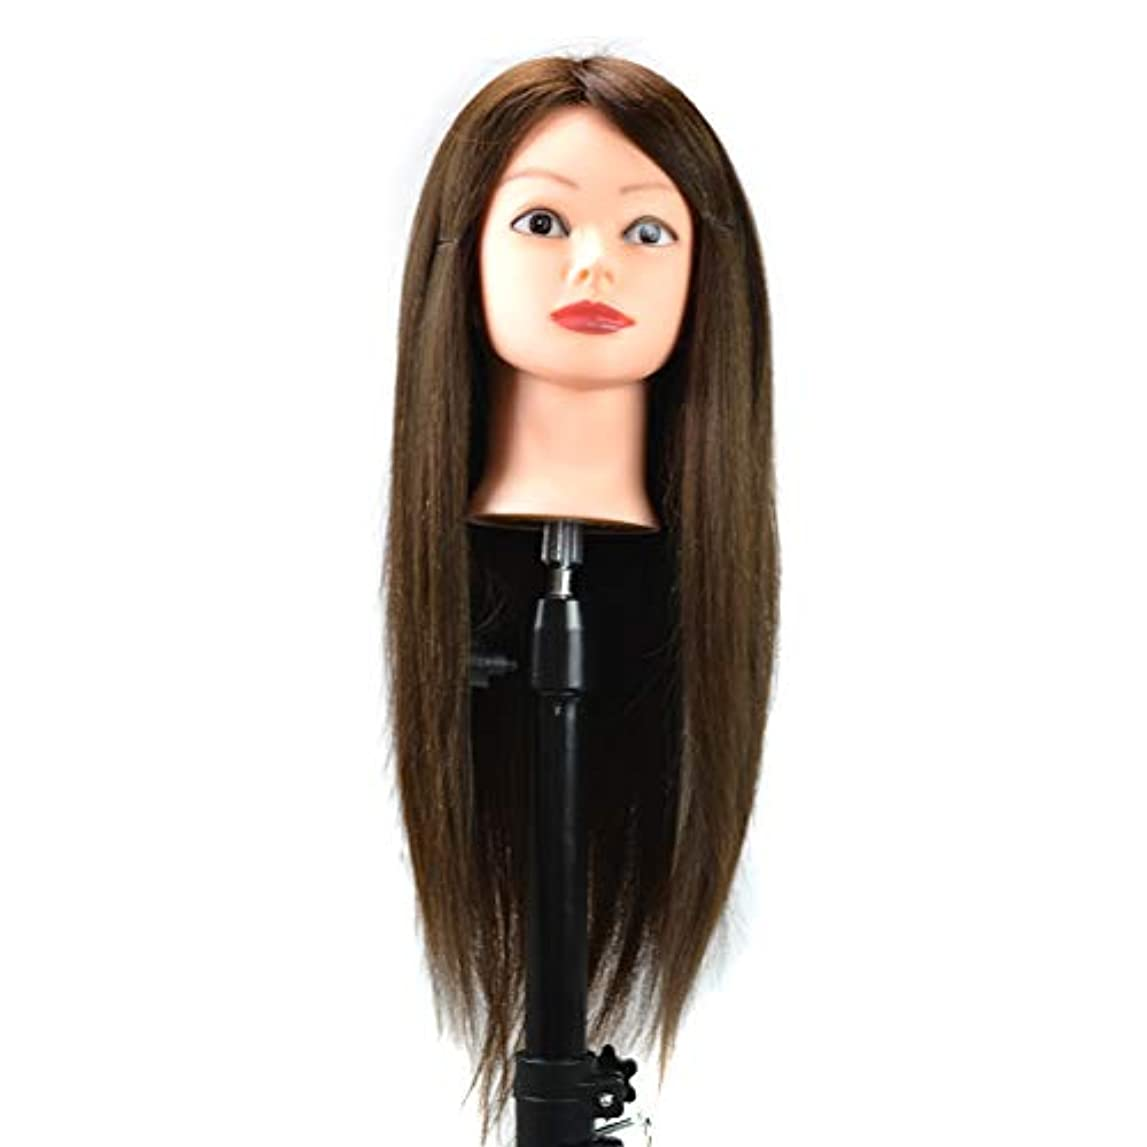 湿ったやりがいのある先住民スタイリング編組ダミーヘッドトレーニングヘッドディスクヘアーメイクアップウィッグマネキンヘッドにすることができますヘアカール人間の髪の練習ヘッドモールド